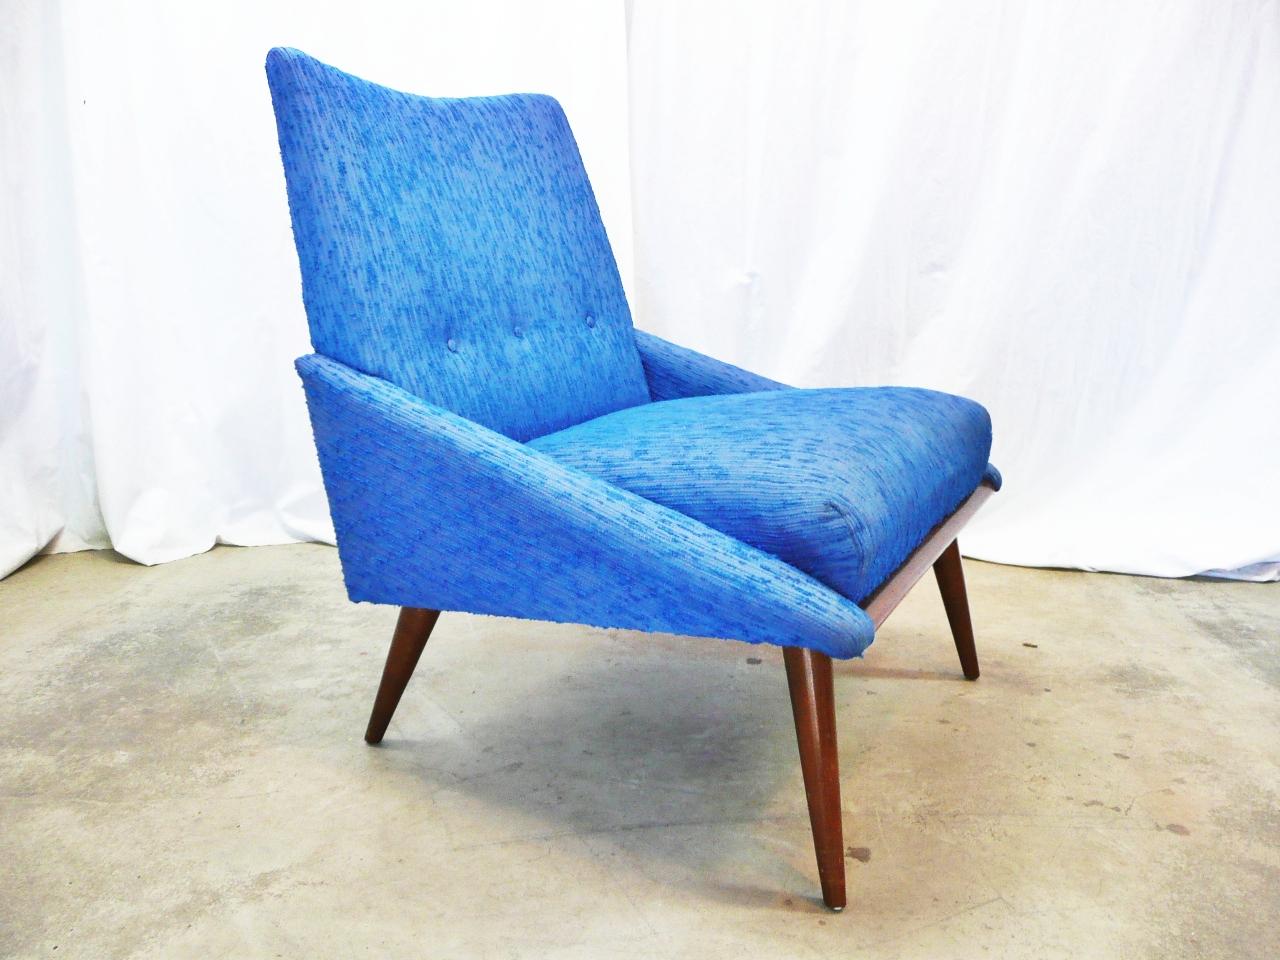 Fabulous Modern, Mid Century, Danish, Vintage Furniture Shop, Used  HU58